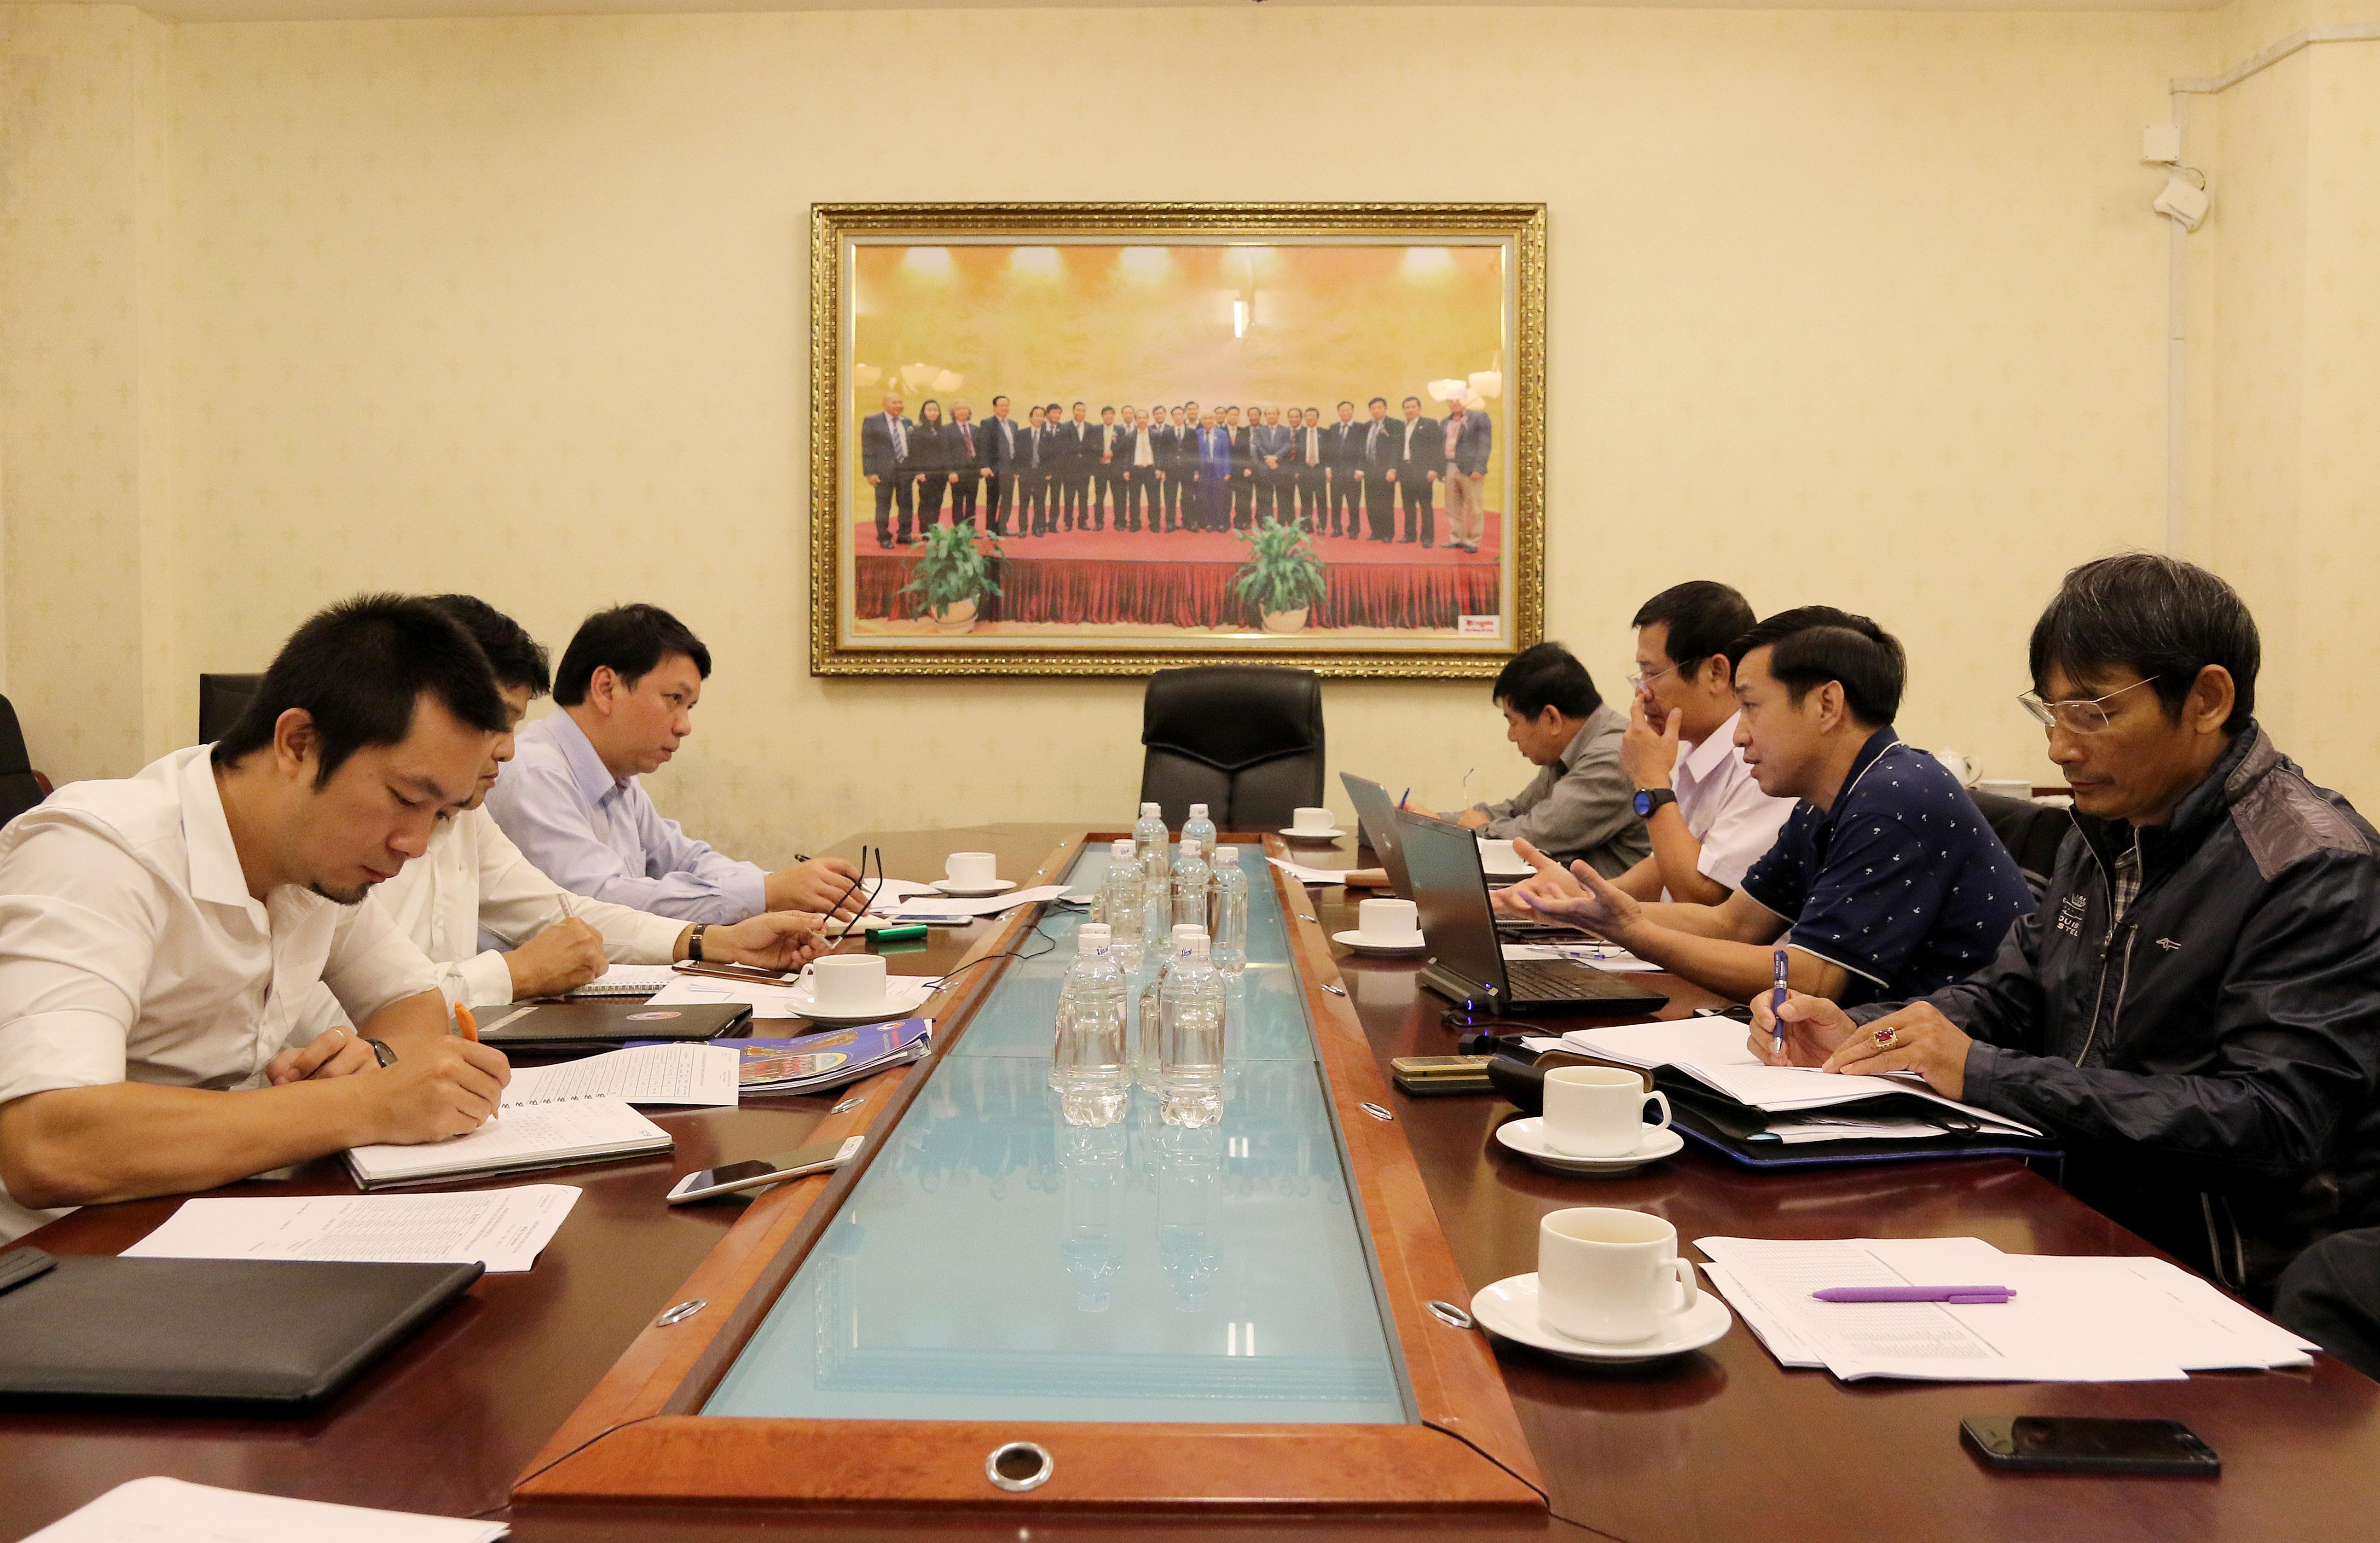 Ban trọng tài họp tổng kết hoạt động năm 2017 và xây dựng kế hoạch 2018